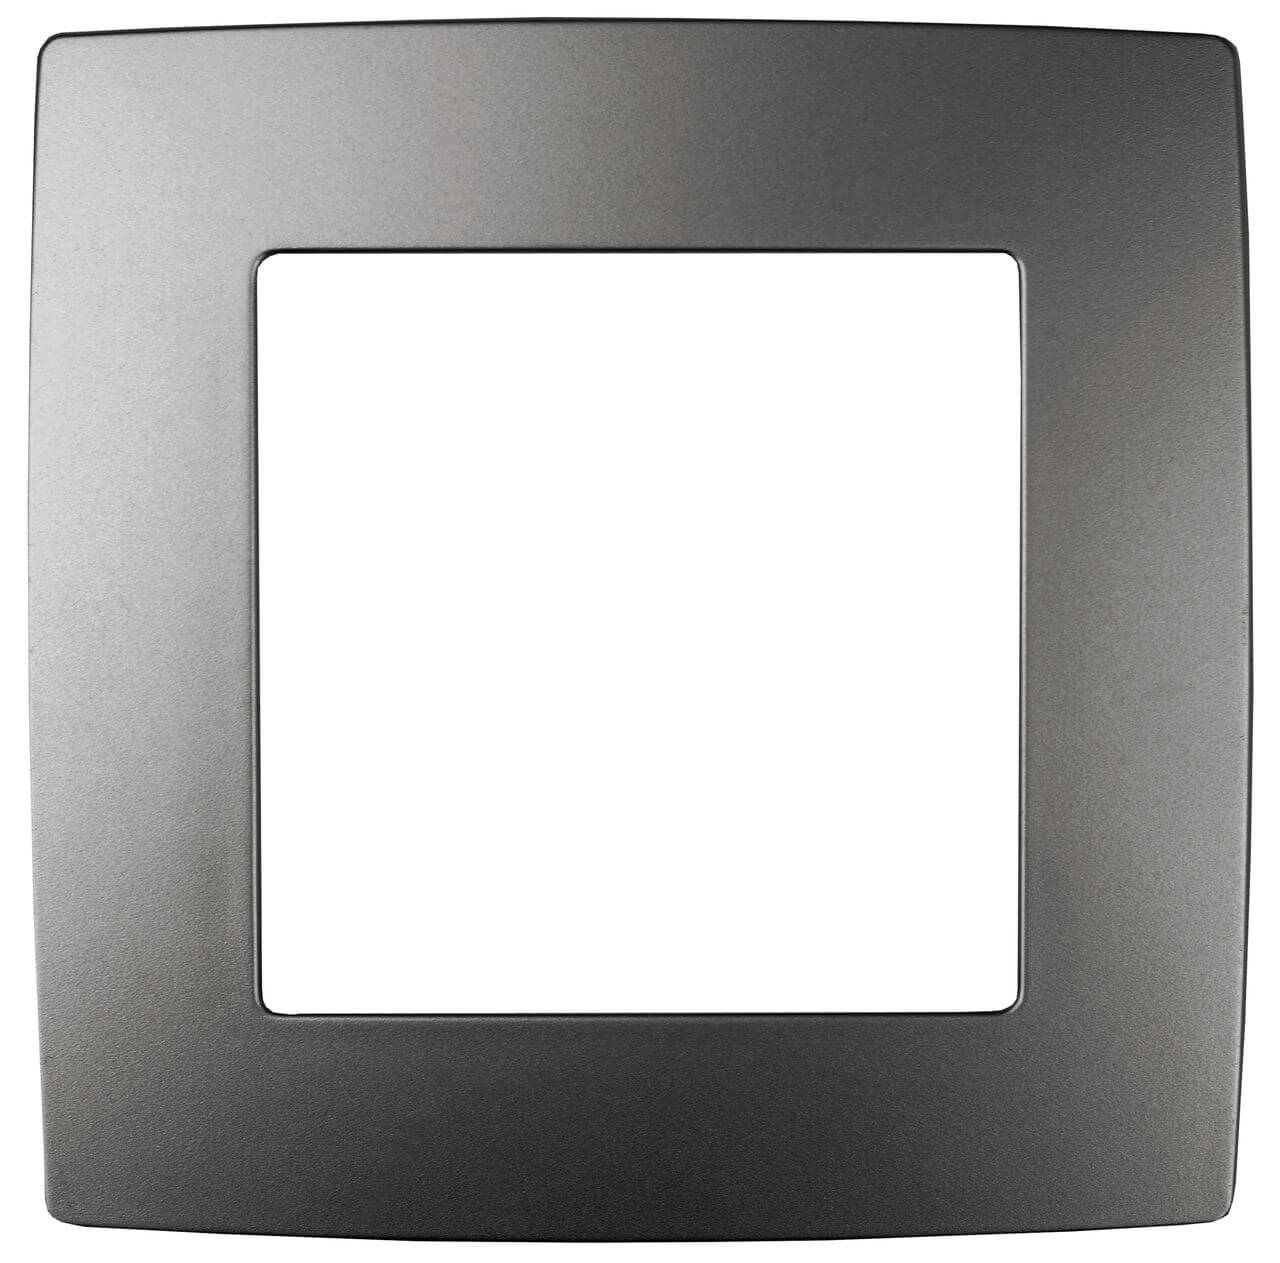 Рамка 1-постовая ЭРА 12 12-5001-12